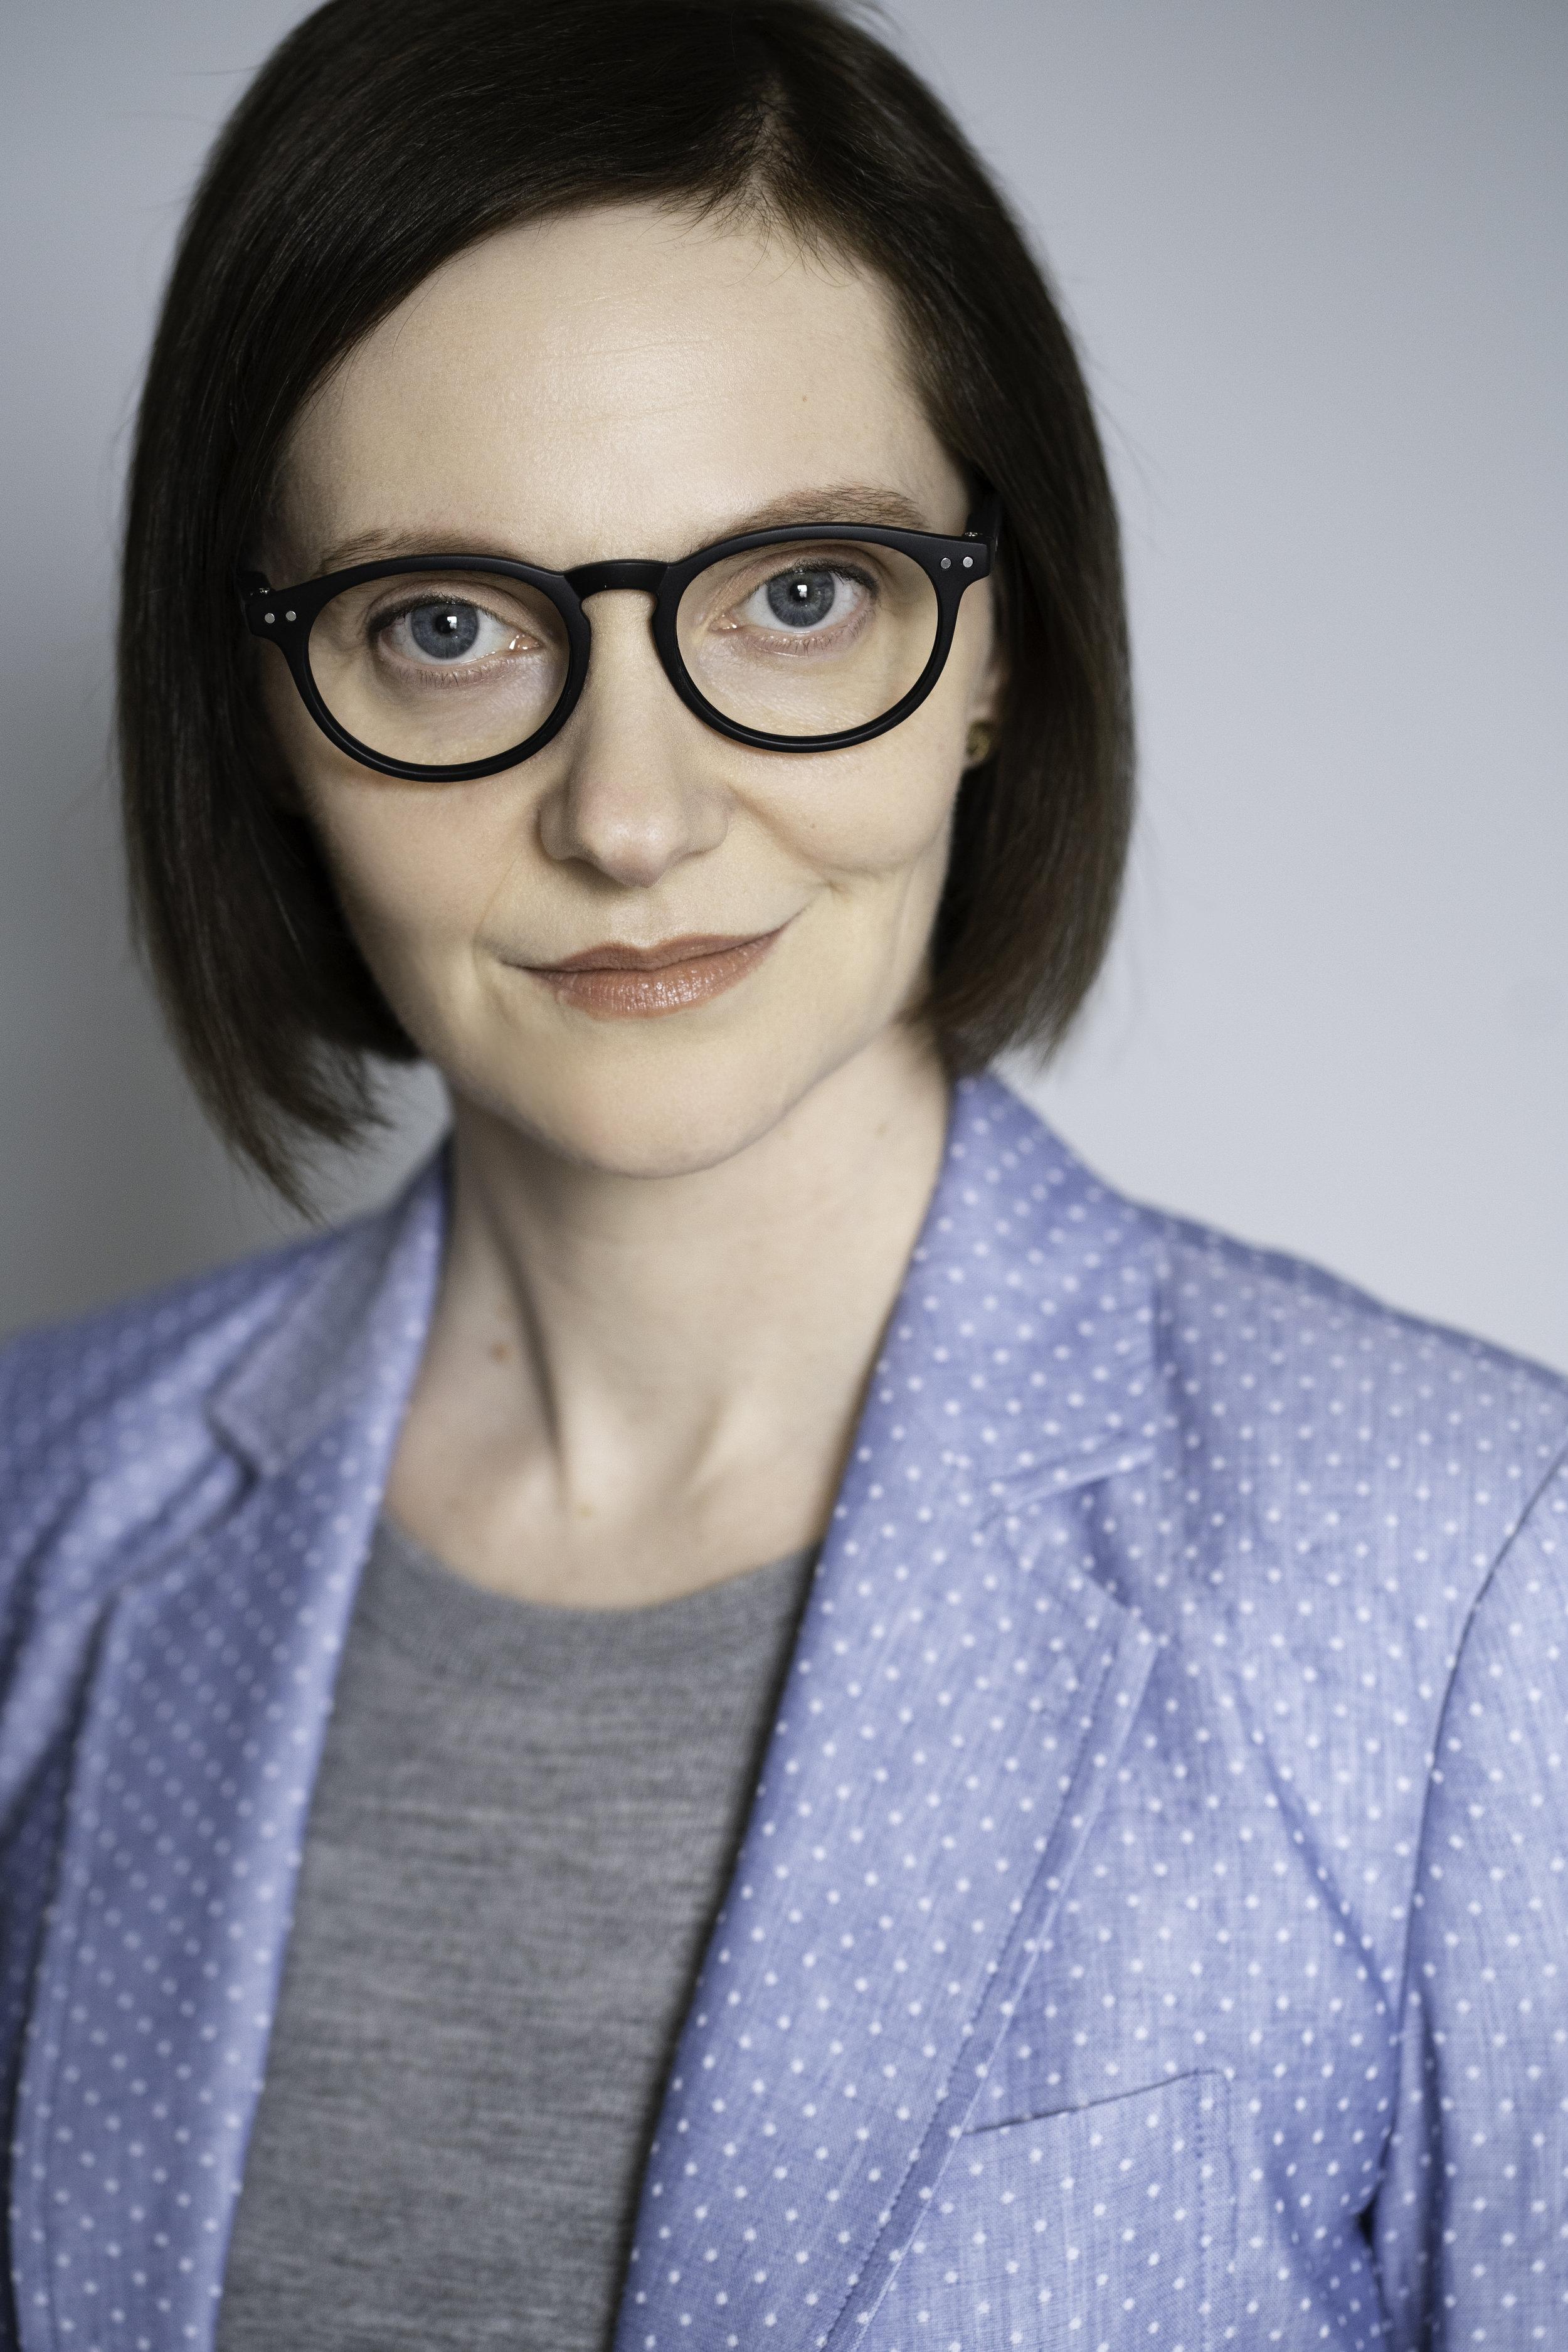 Catherine-Headshot-B02653.jpg